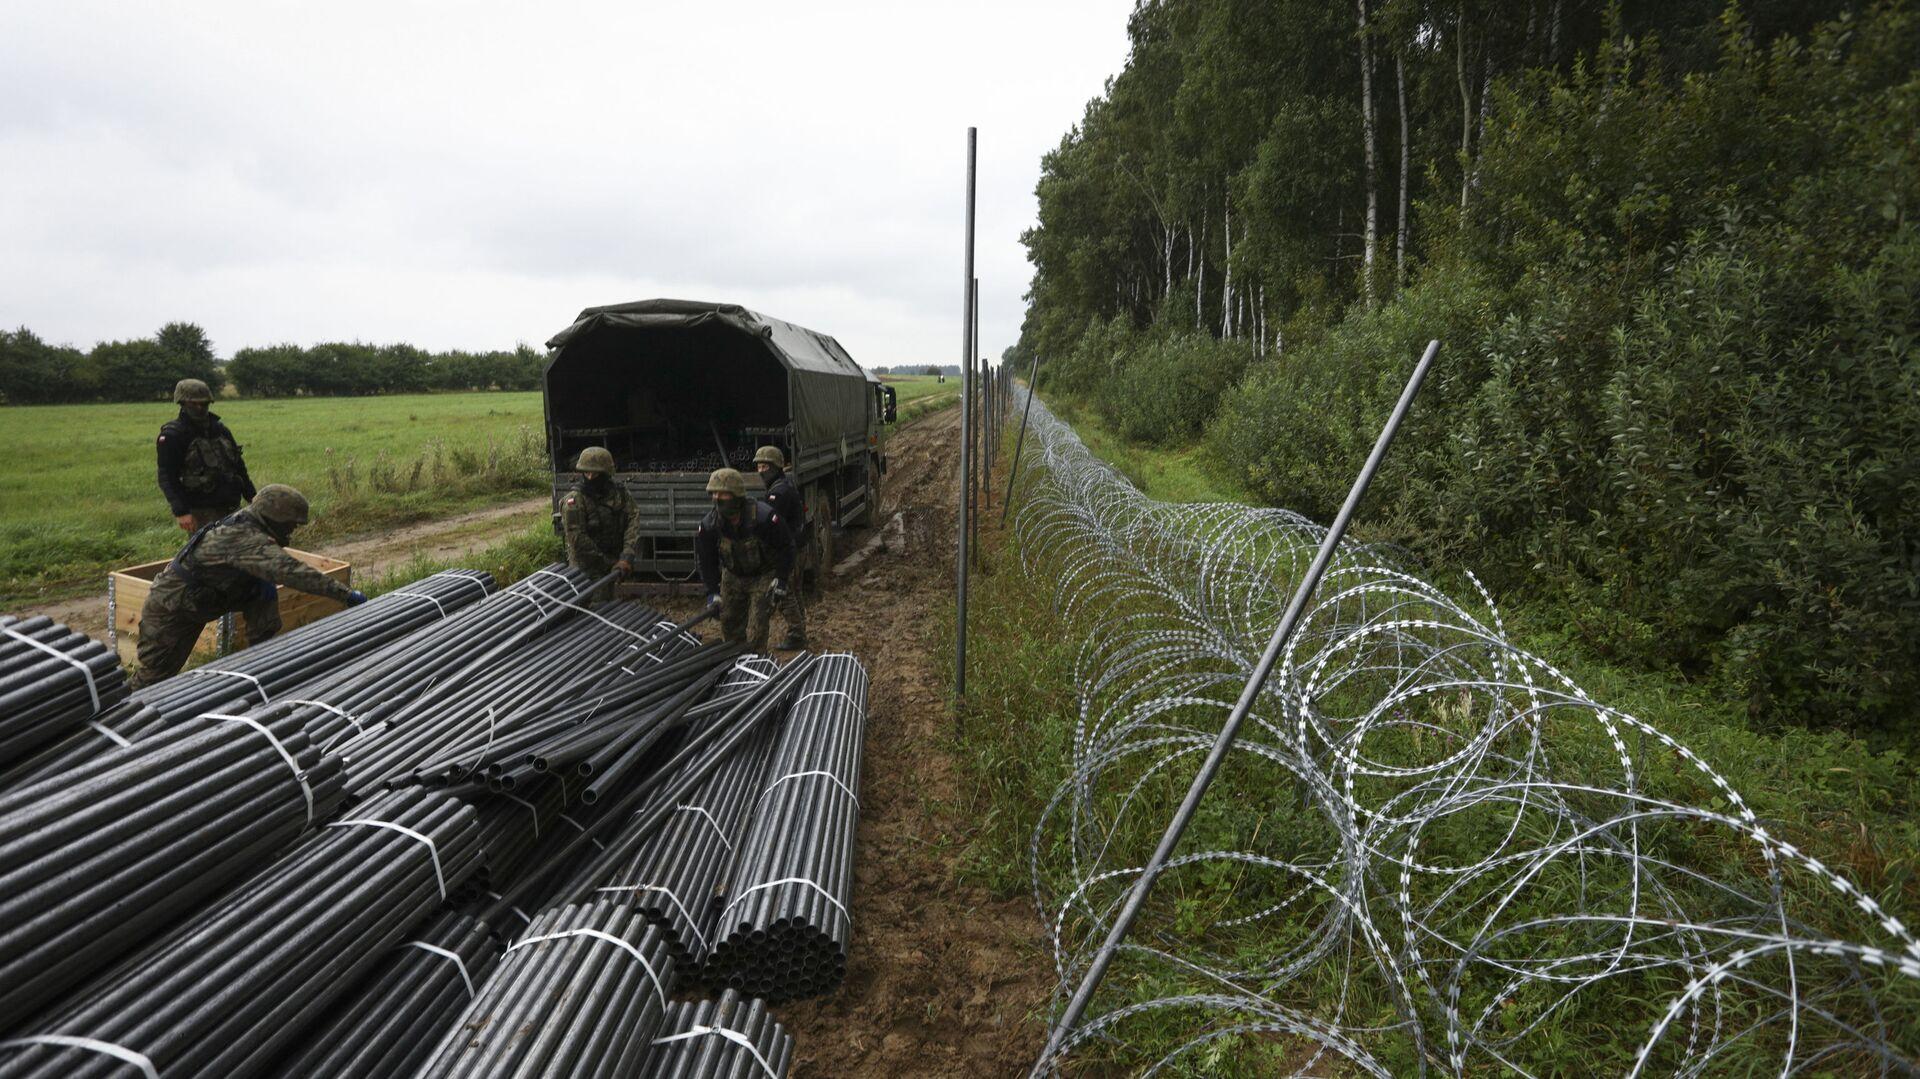 Budowa ogrodzenia na granicy polsko-białoruskiej  - Sputnik Polska, 1920, 21.09.2021